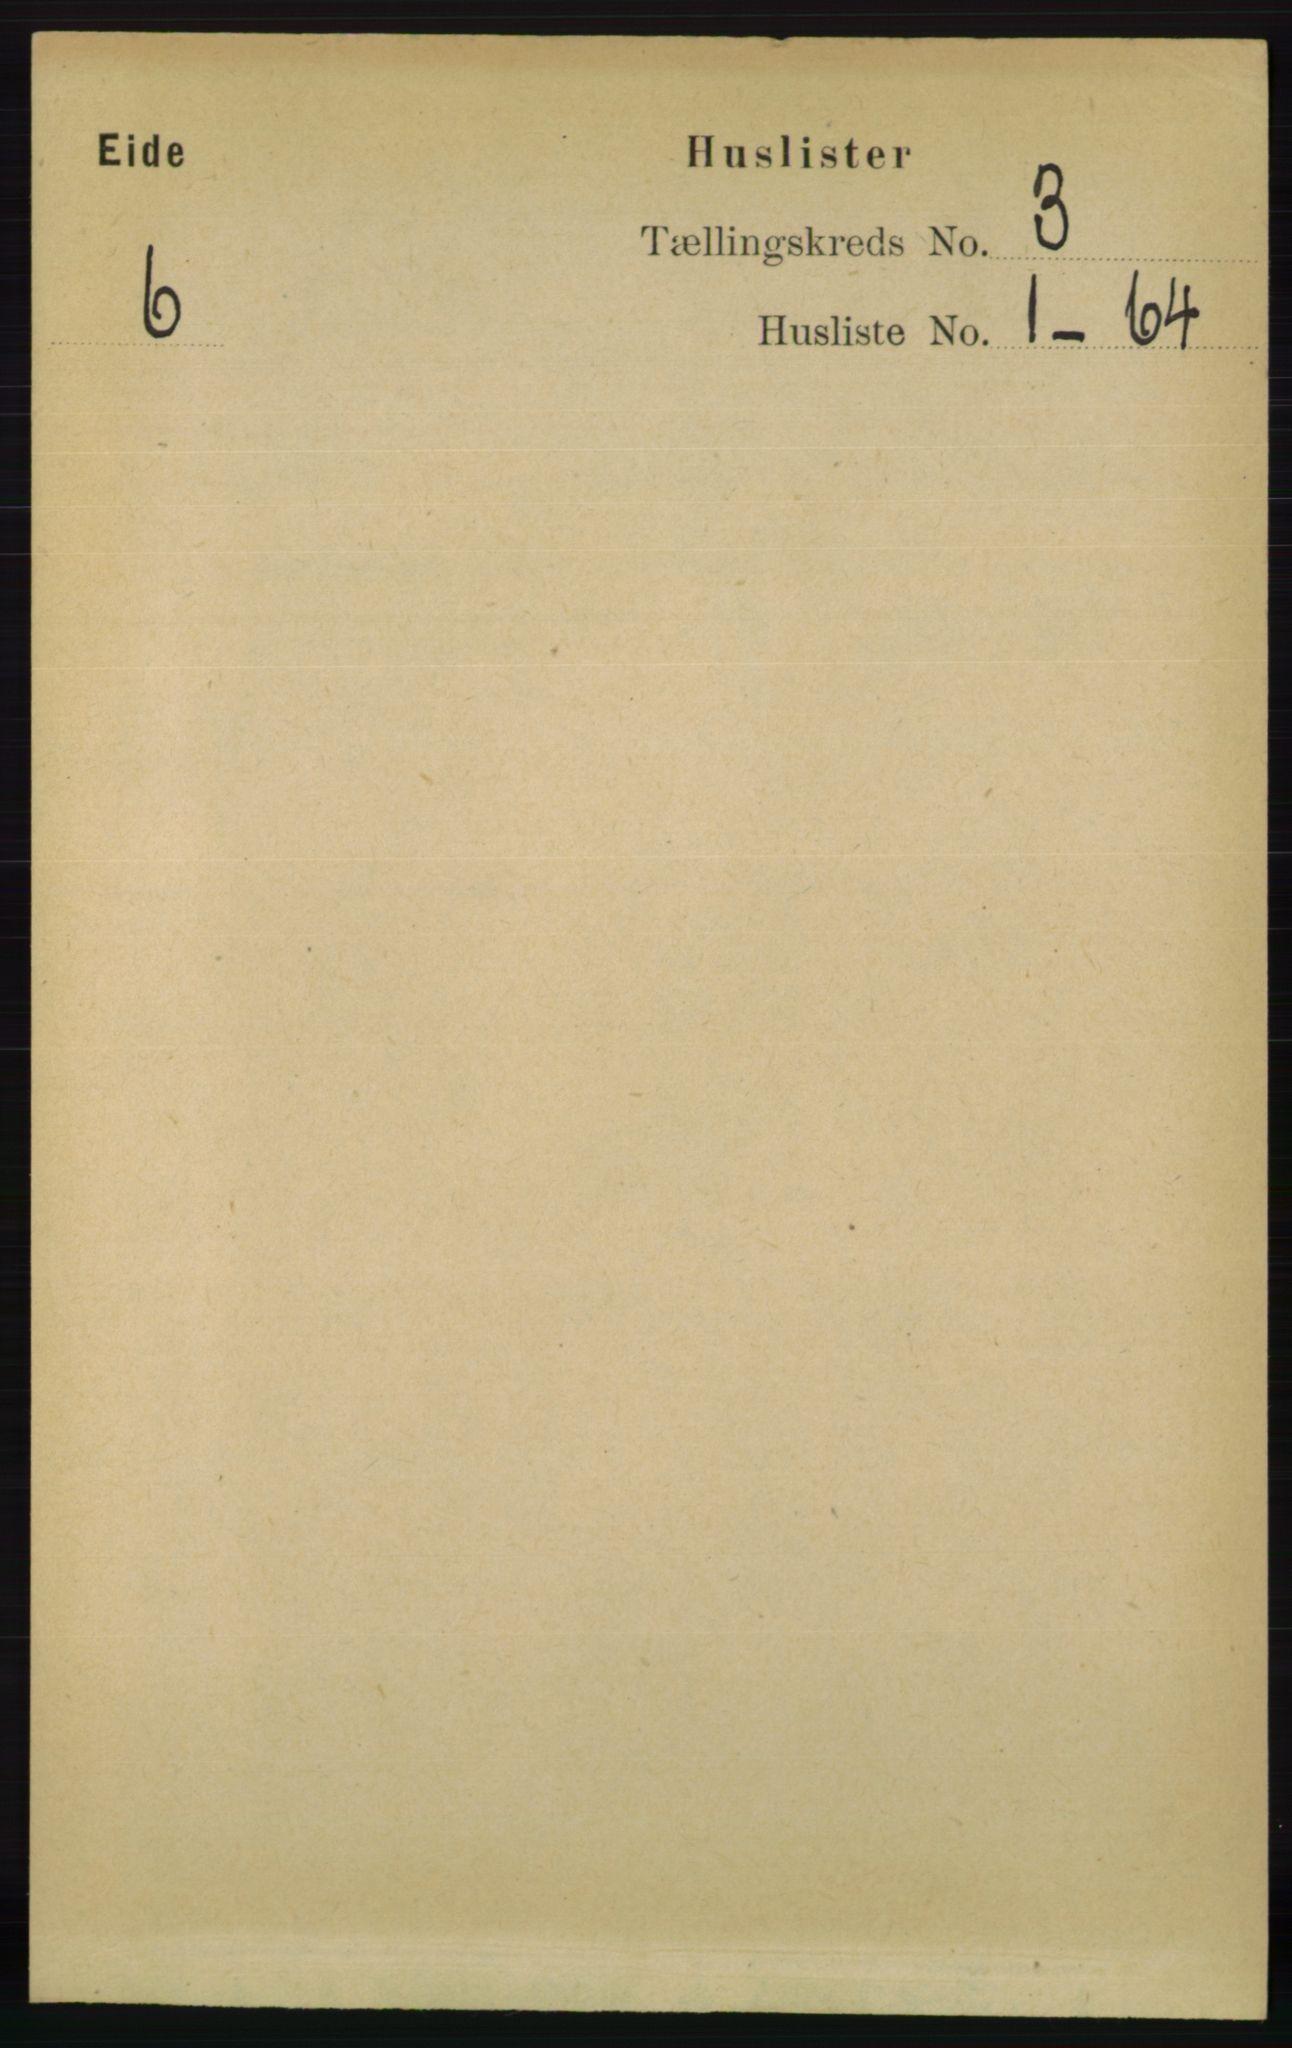 RA, Folketelling 1891 for 0925 Eide herred, 1891, s. 653